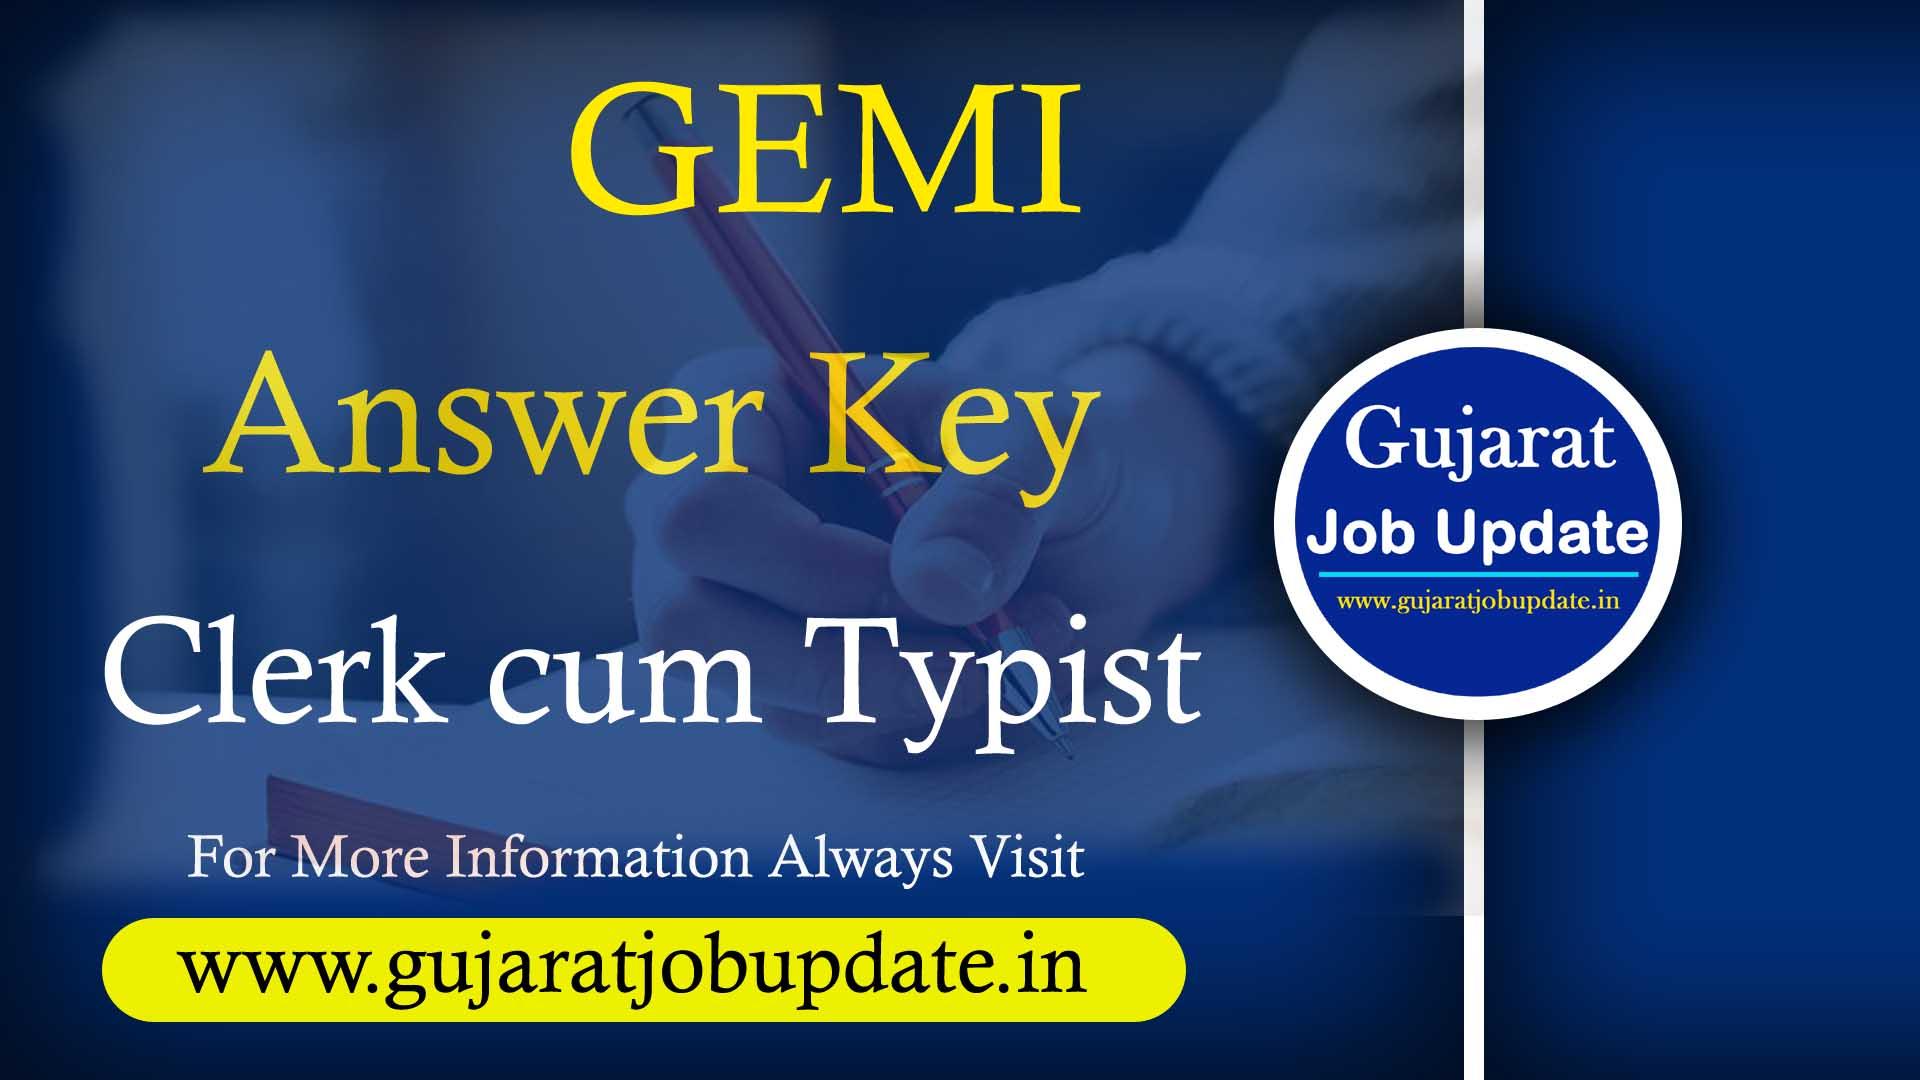 GEMI Clerk Cum Typist Exam Answer Key Declared 2021